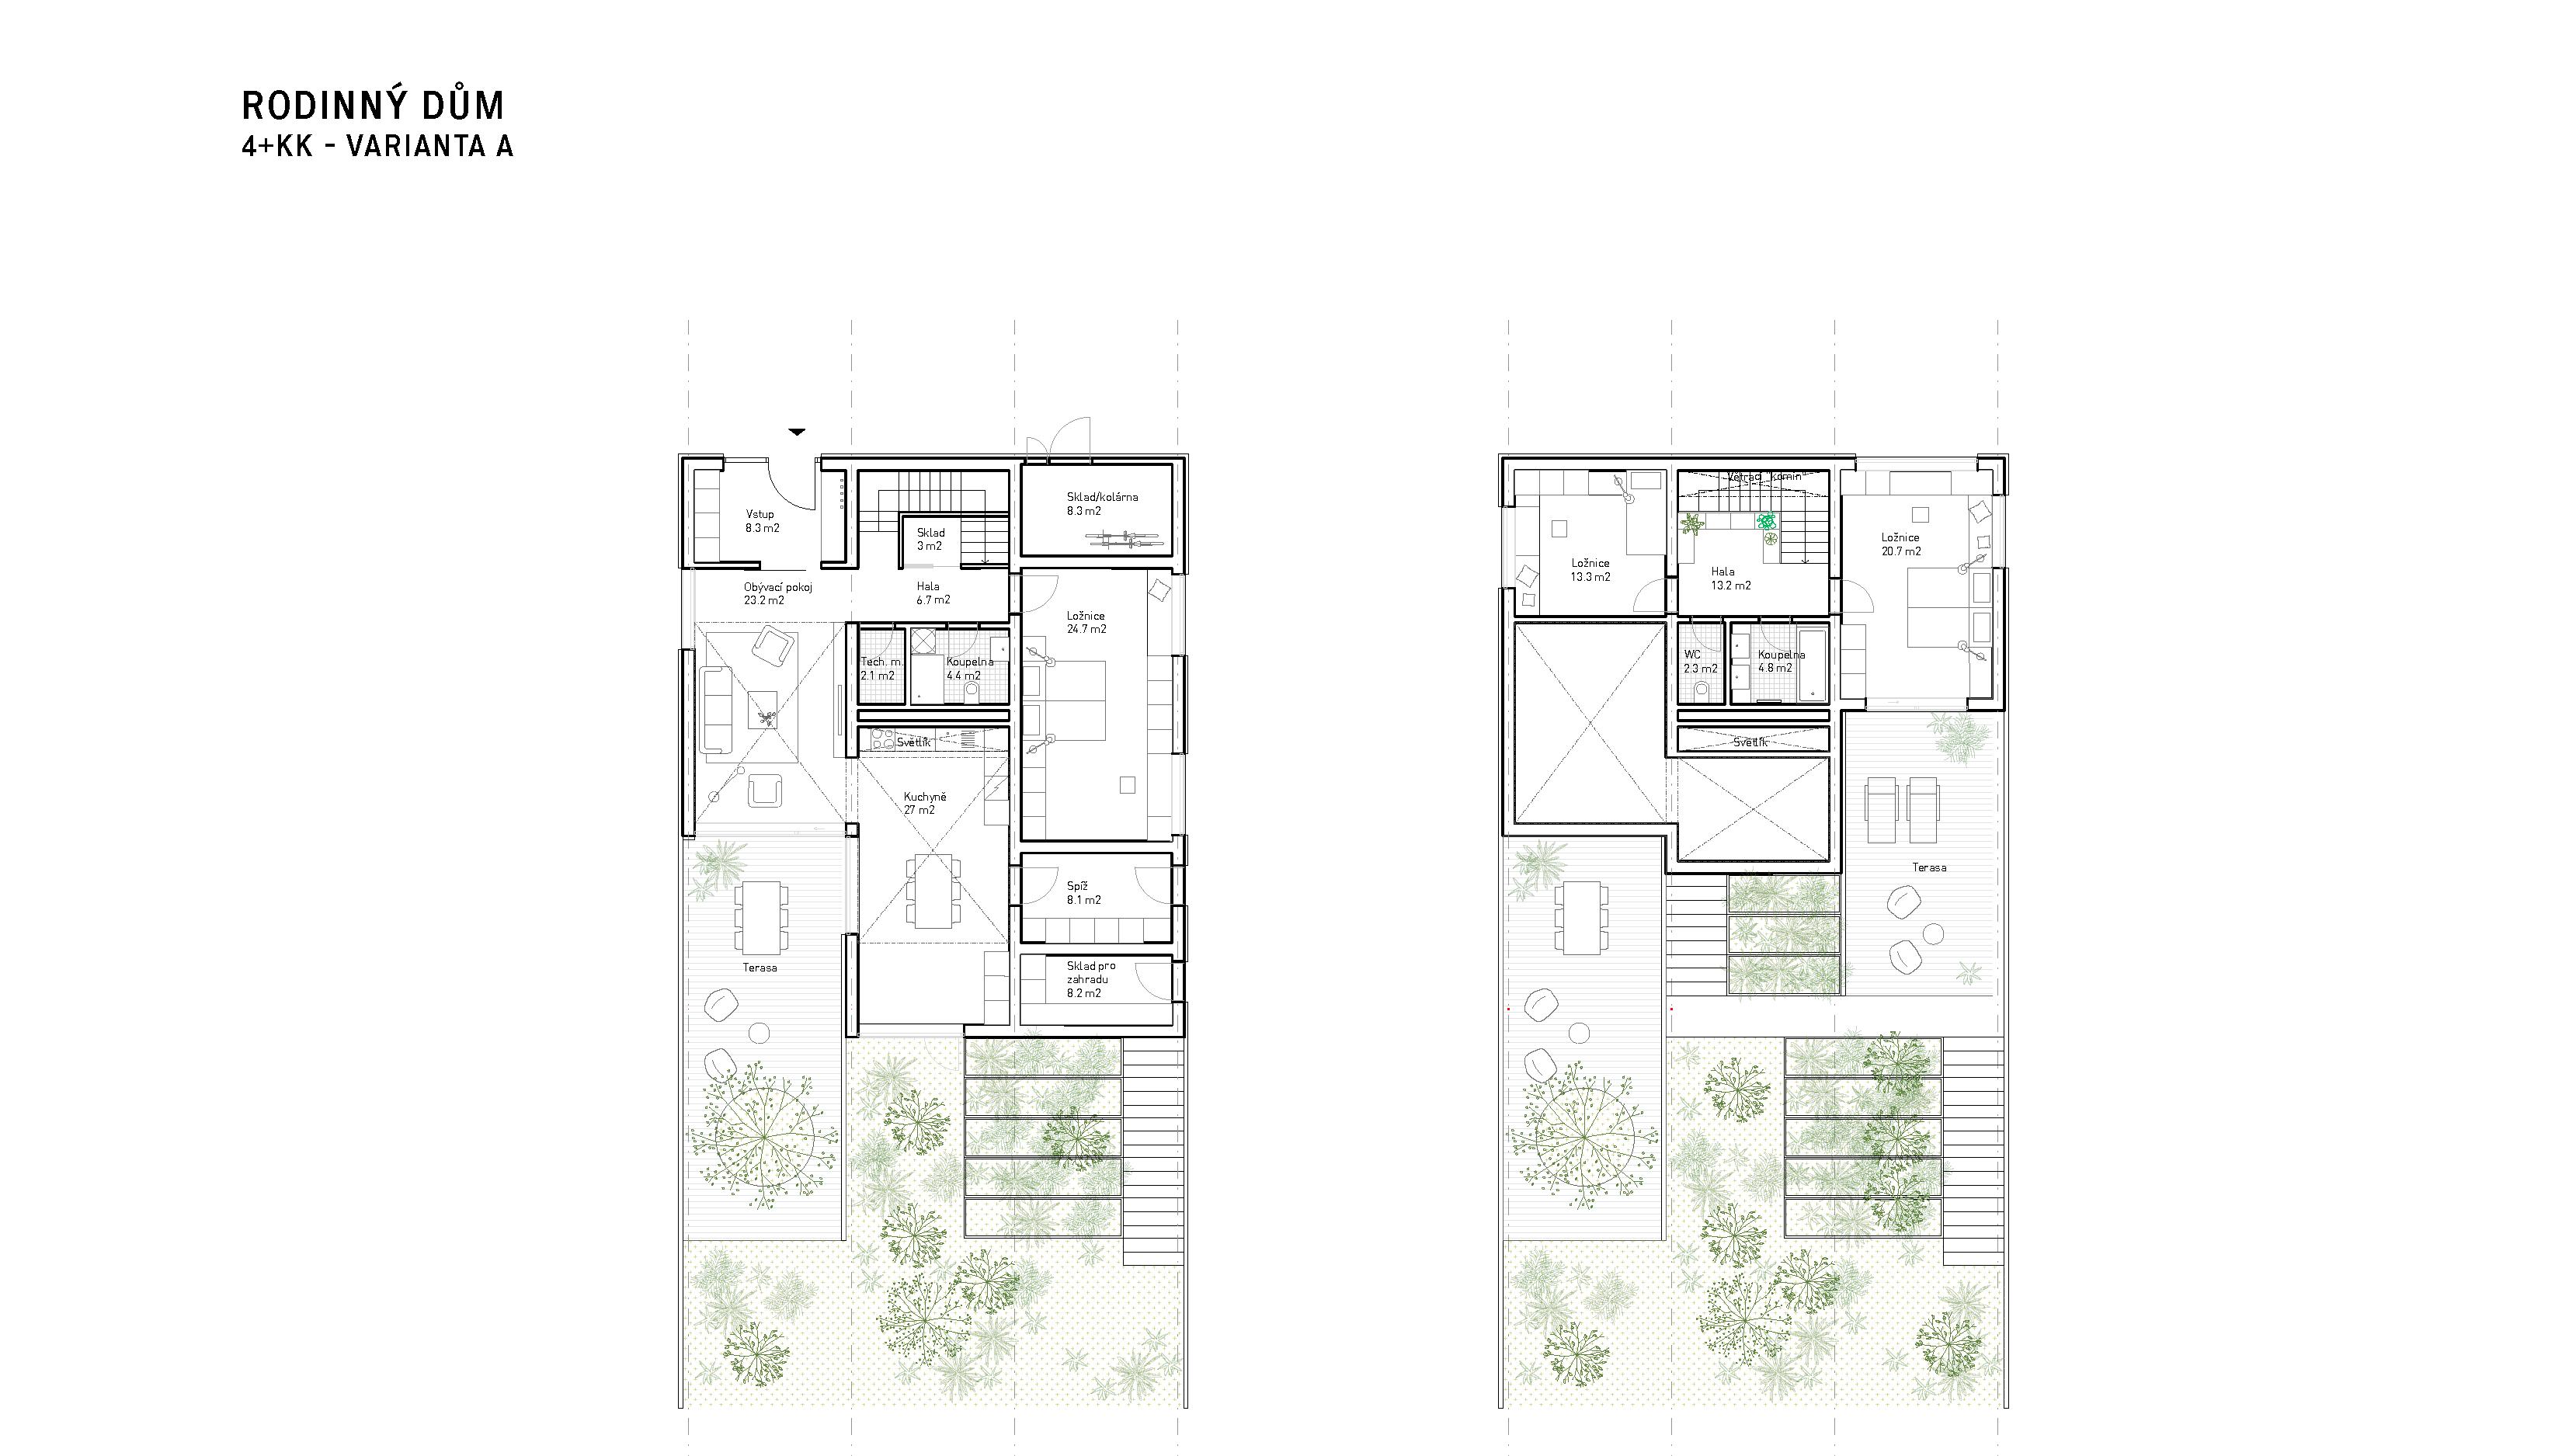 layout_case_0003_200605_Zdrave-domy_chkau_Page_55